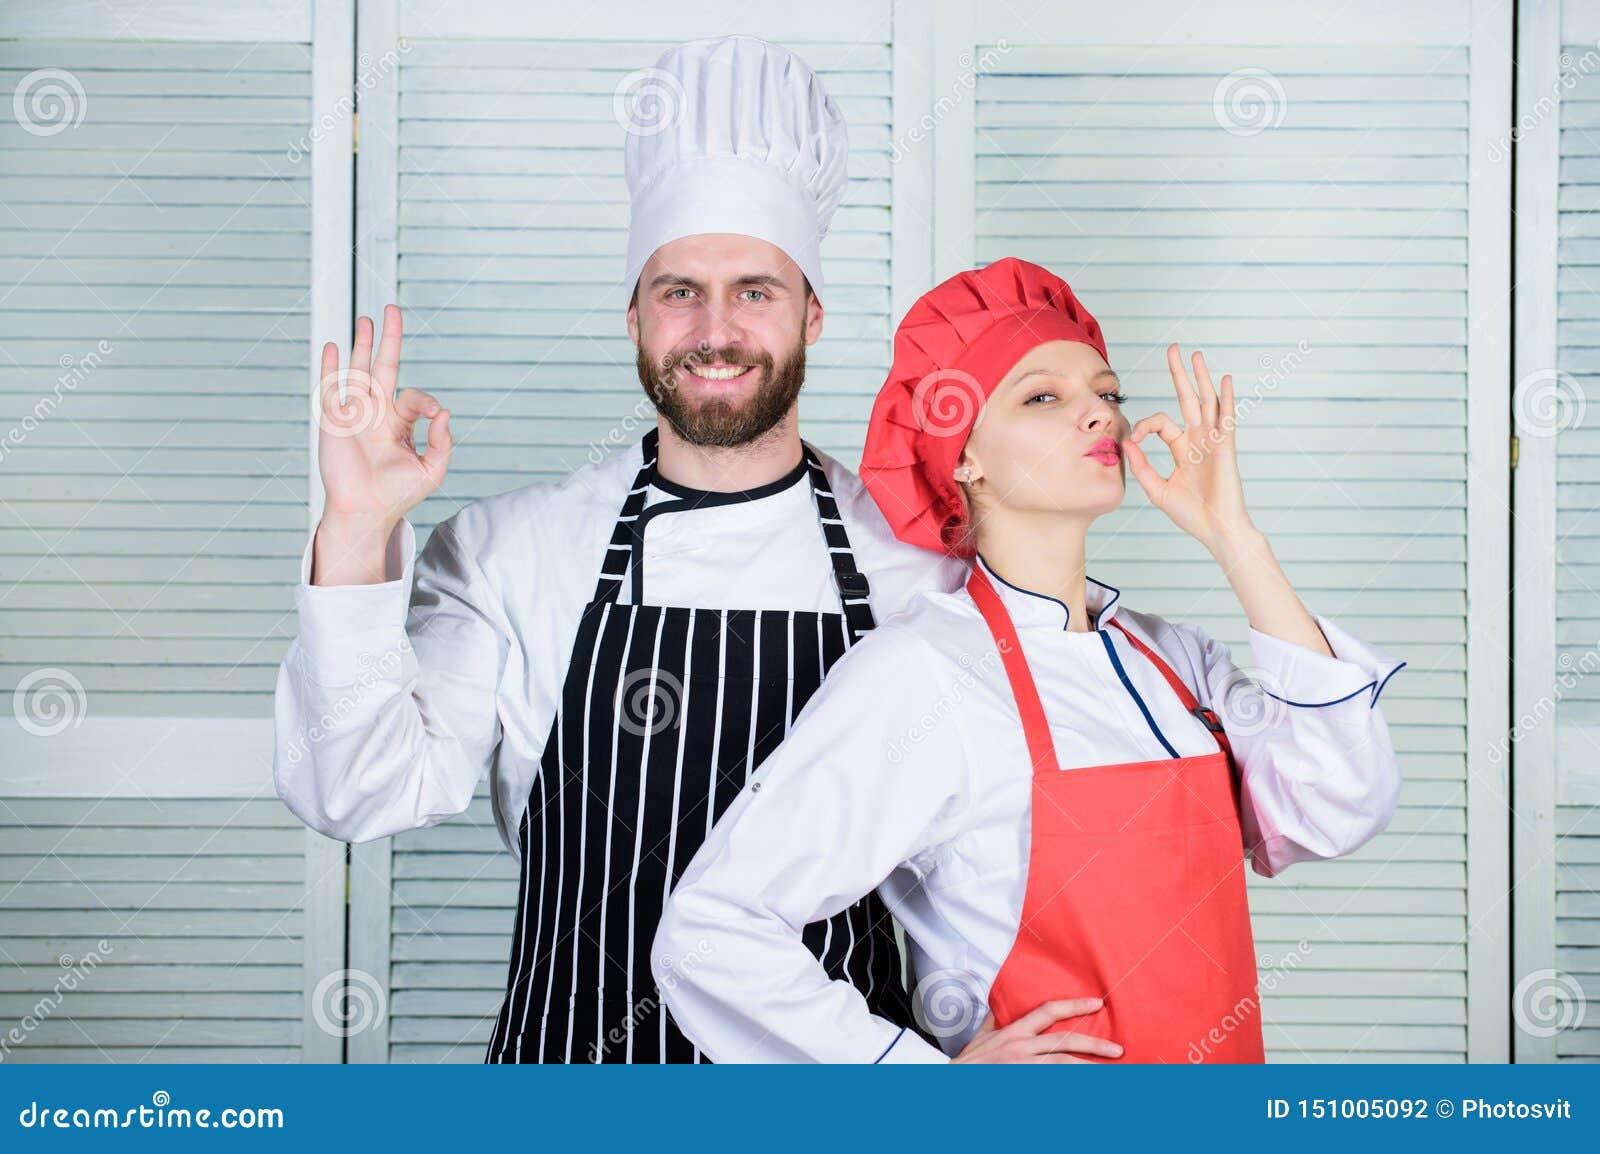 El cocinar con su c?nyuge puede fortalecer relaciones Pares de las razones que cocinan junto Trabajo en equipo en cocina Pareja